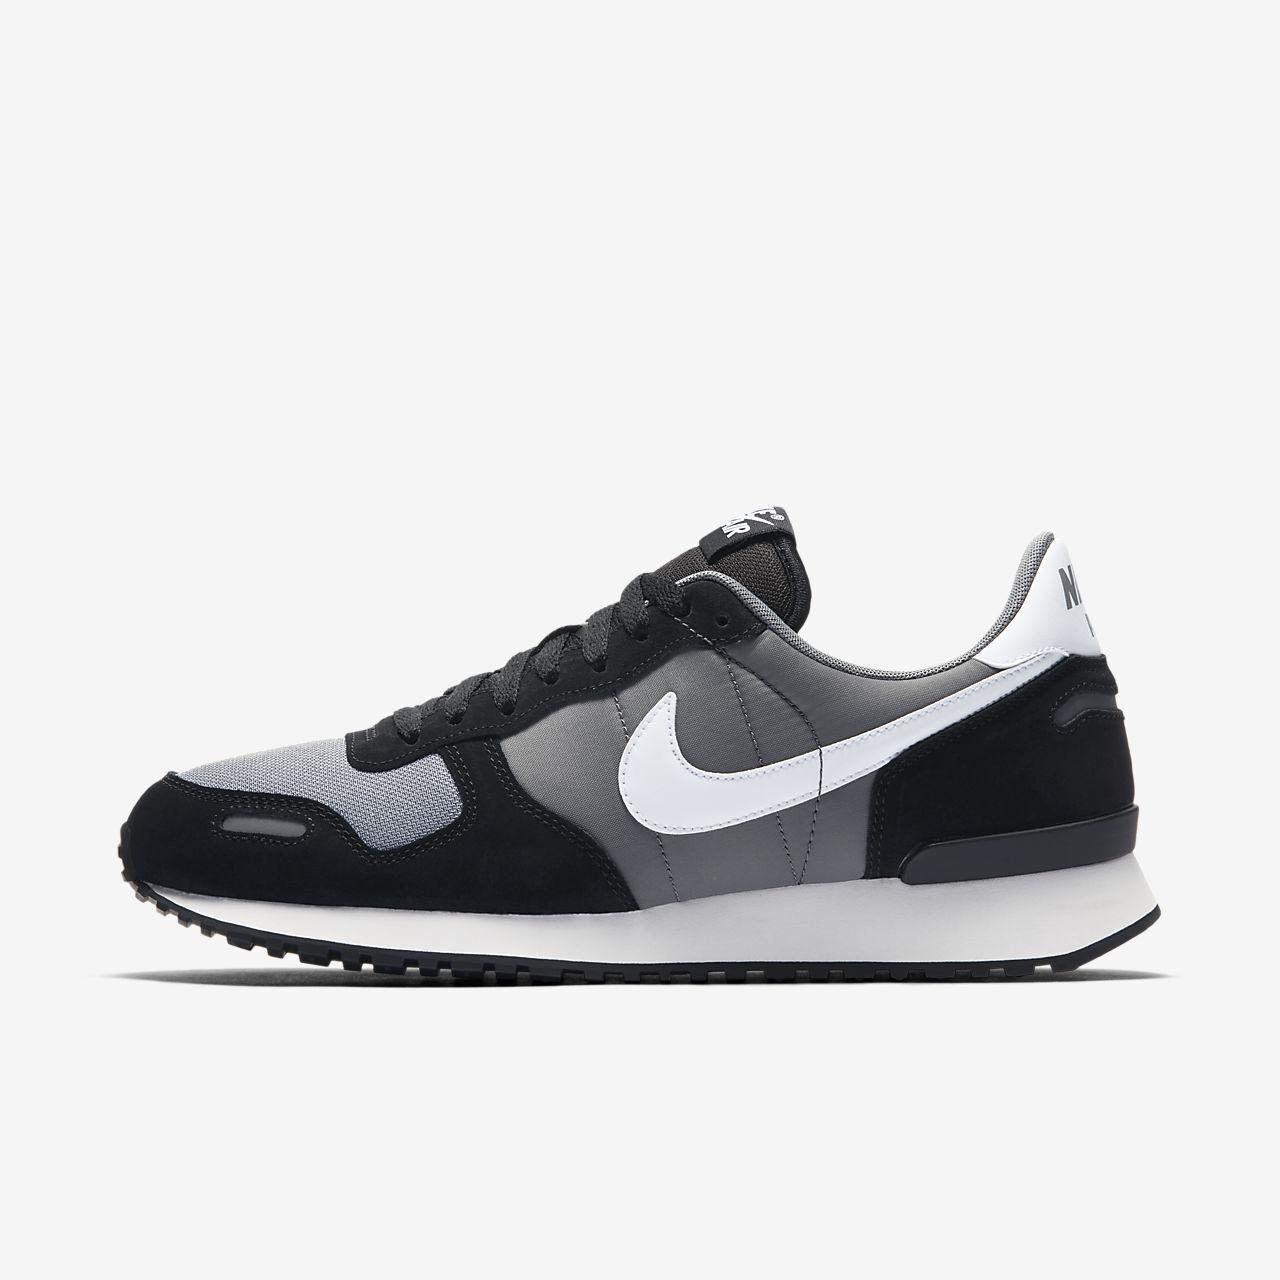 New Nike Air VRTX Vortex Black White Grey Vintage Men Running Shoes 903896 001